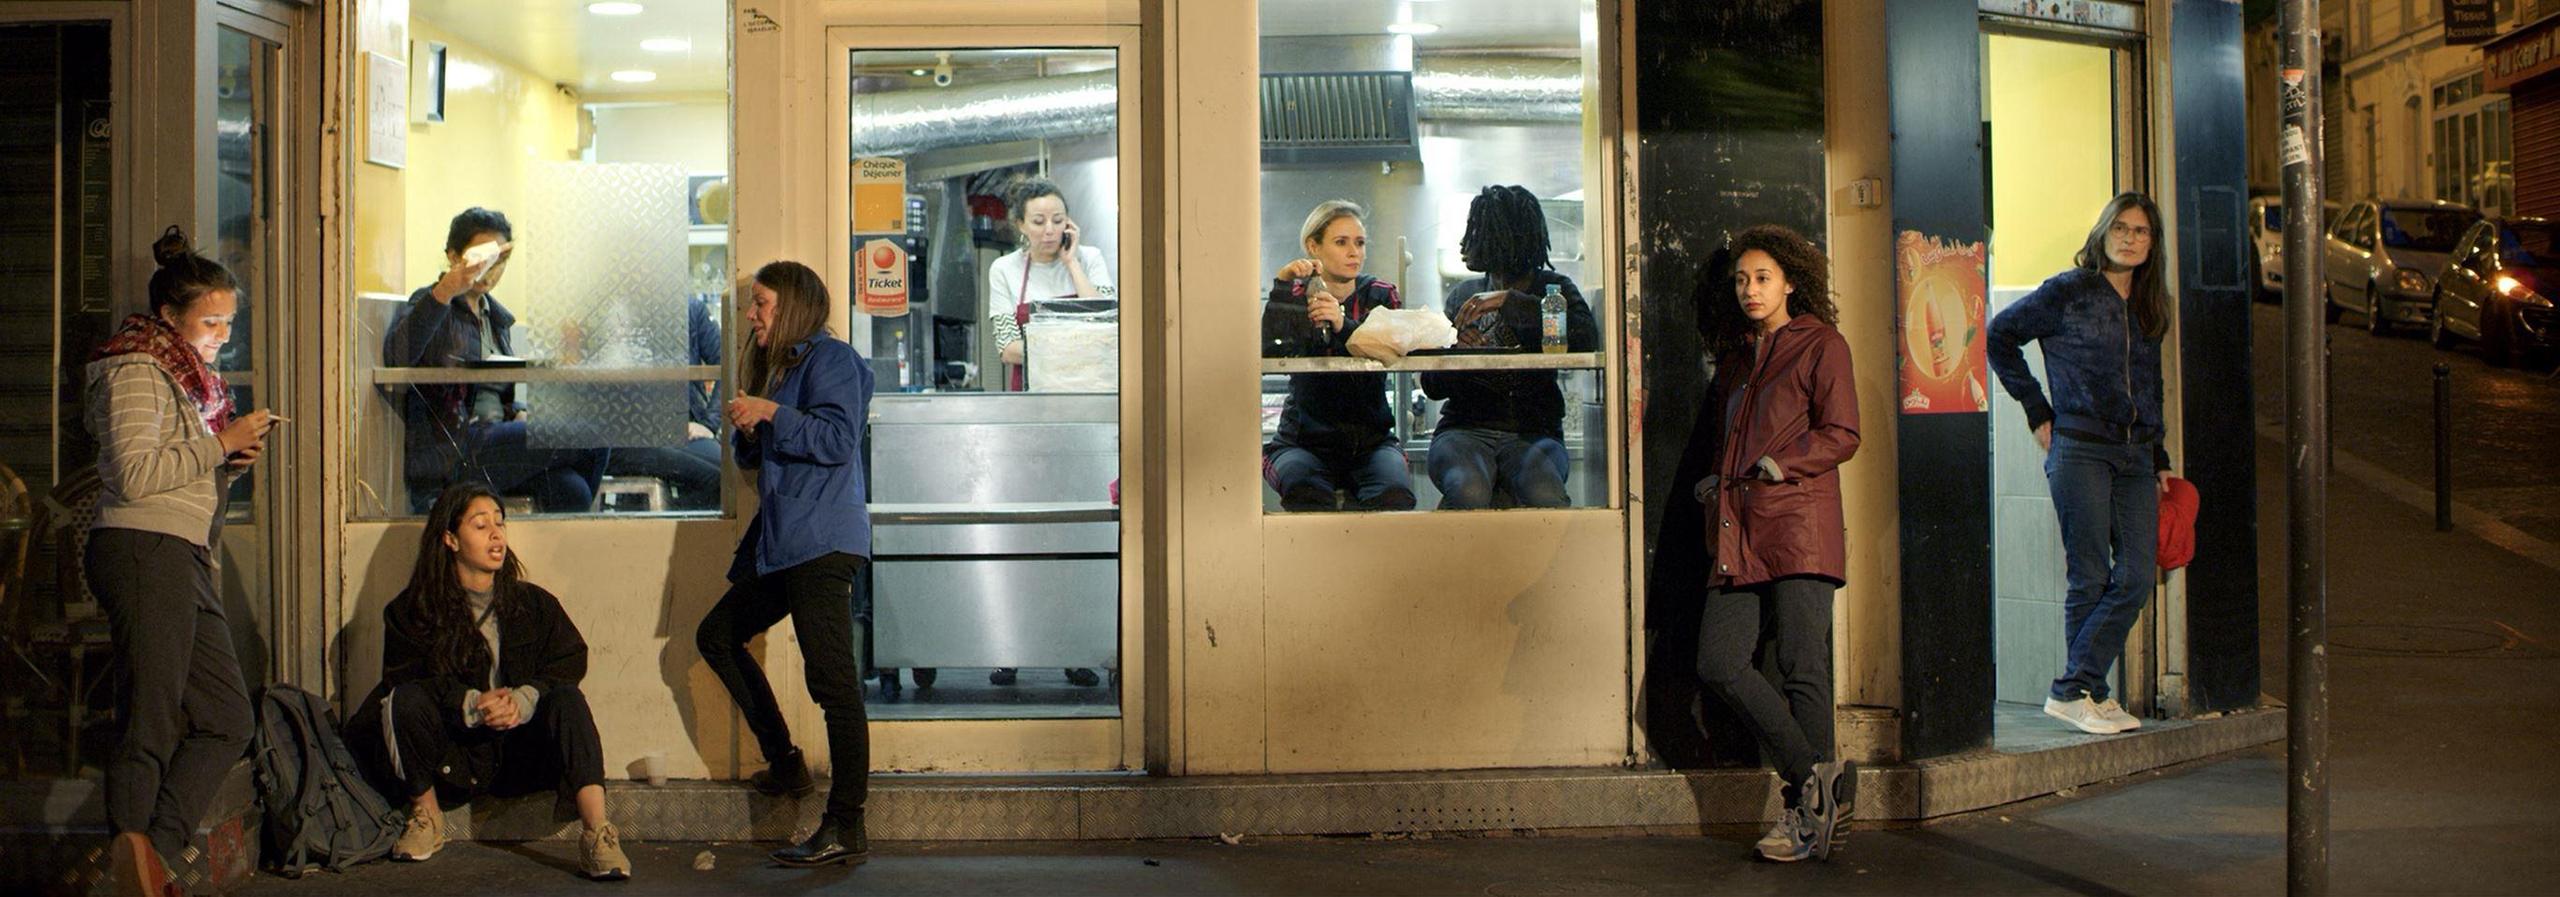 Randa Maroufi, Barbès, de la série : Les Intruses, 2019 Collection Frac Bretagne © Adagp, Paris - Crédit photographique : Frac Bretagne